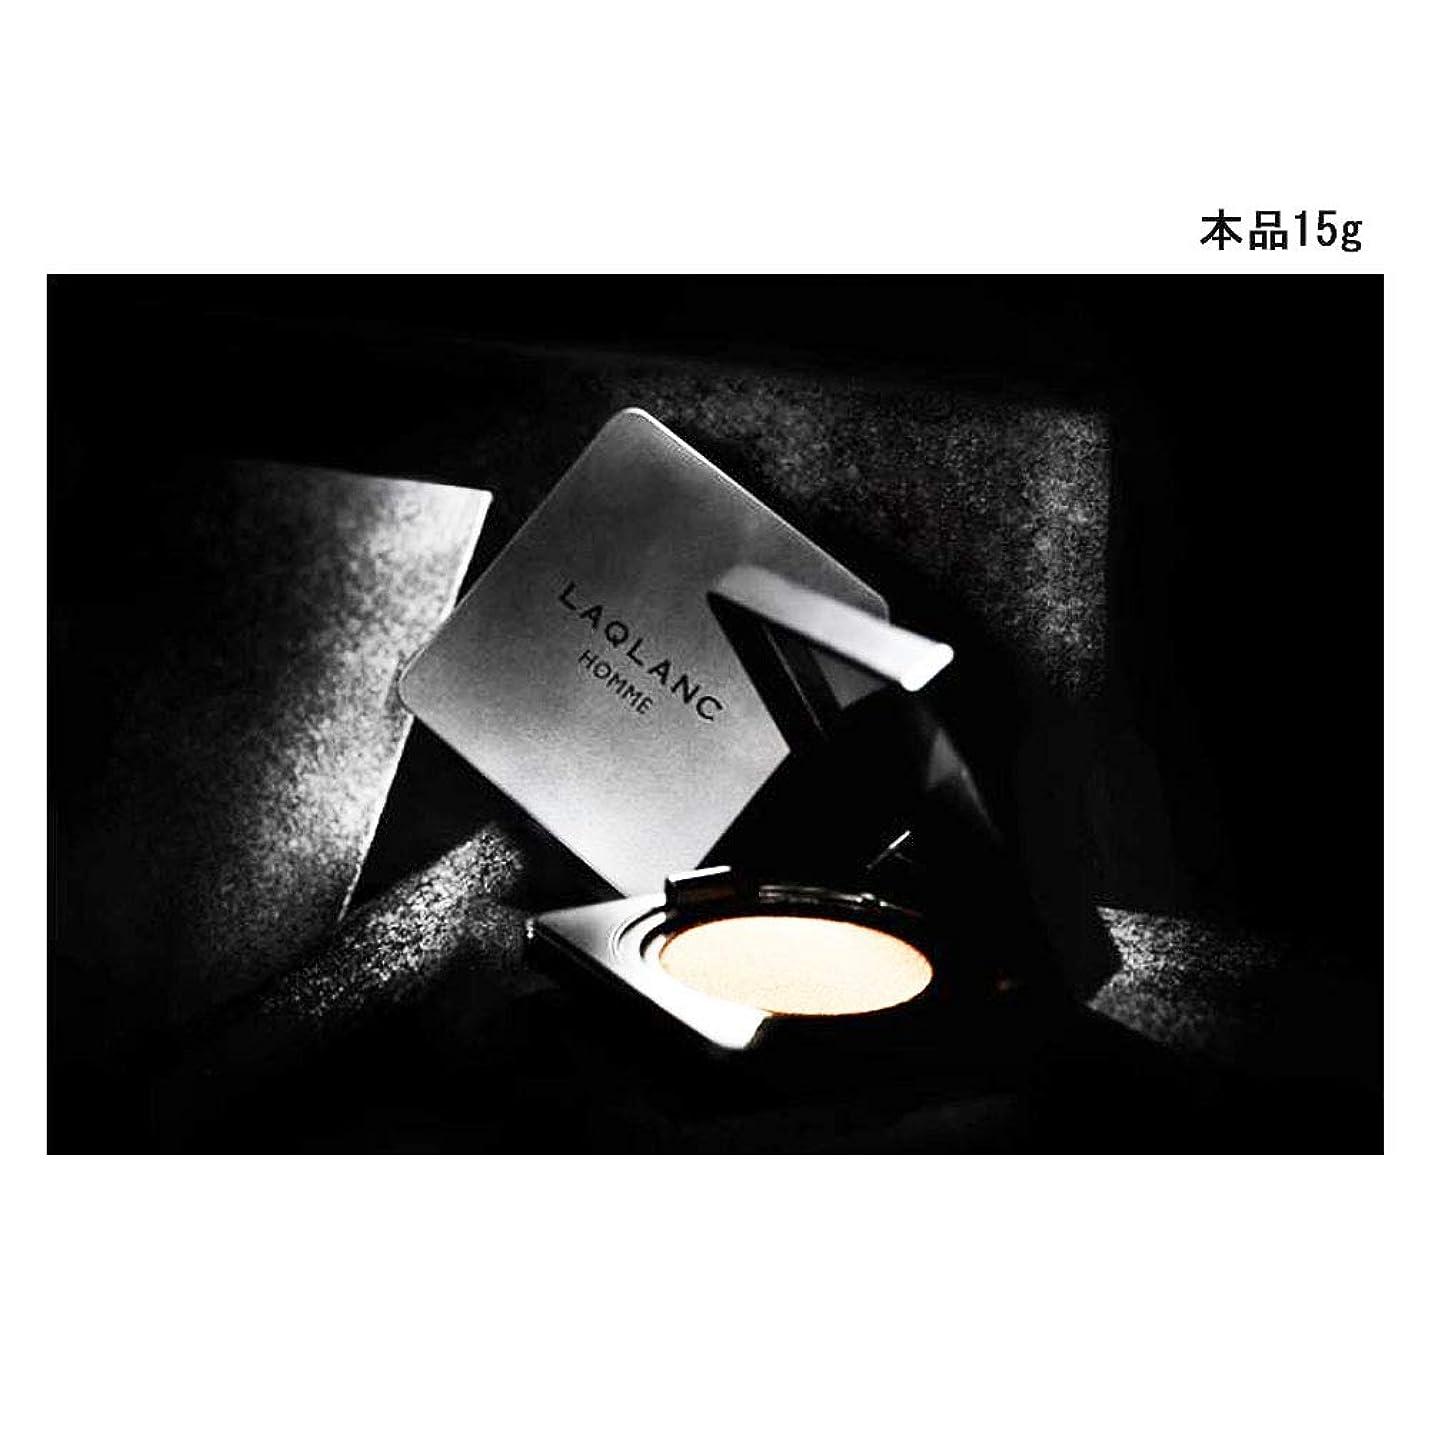 オーブンモットー置き場(Laqlanc)大人気 10秒完成 ナチュラル 肌色アップ 紫外線遮断 ホワイトニング 男性 エアクッション 15g [海外配送品] [並行輸入品]